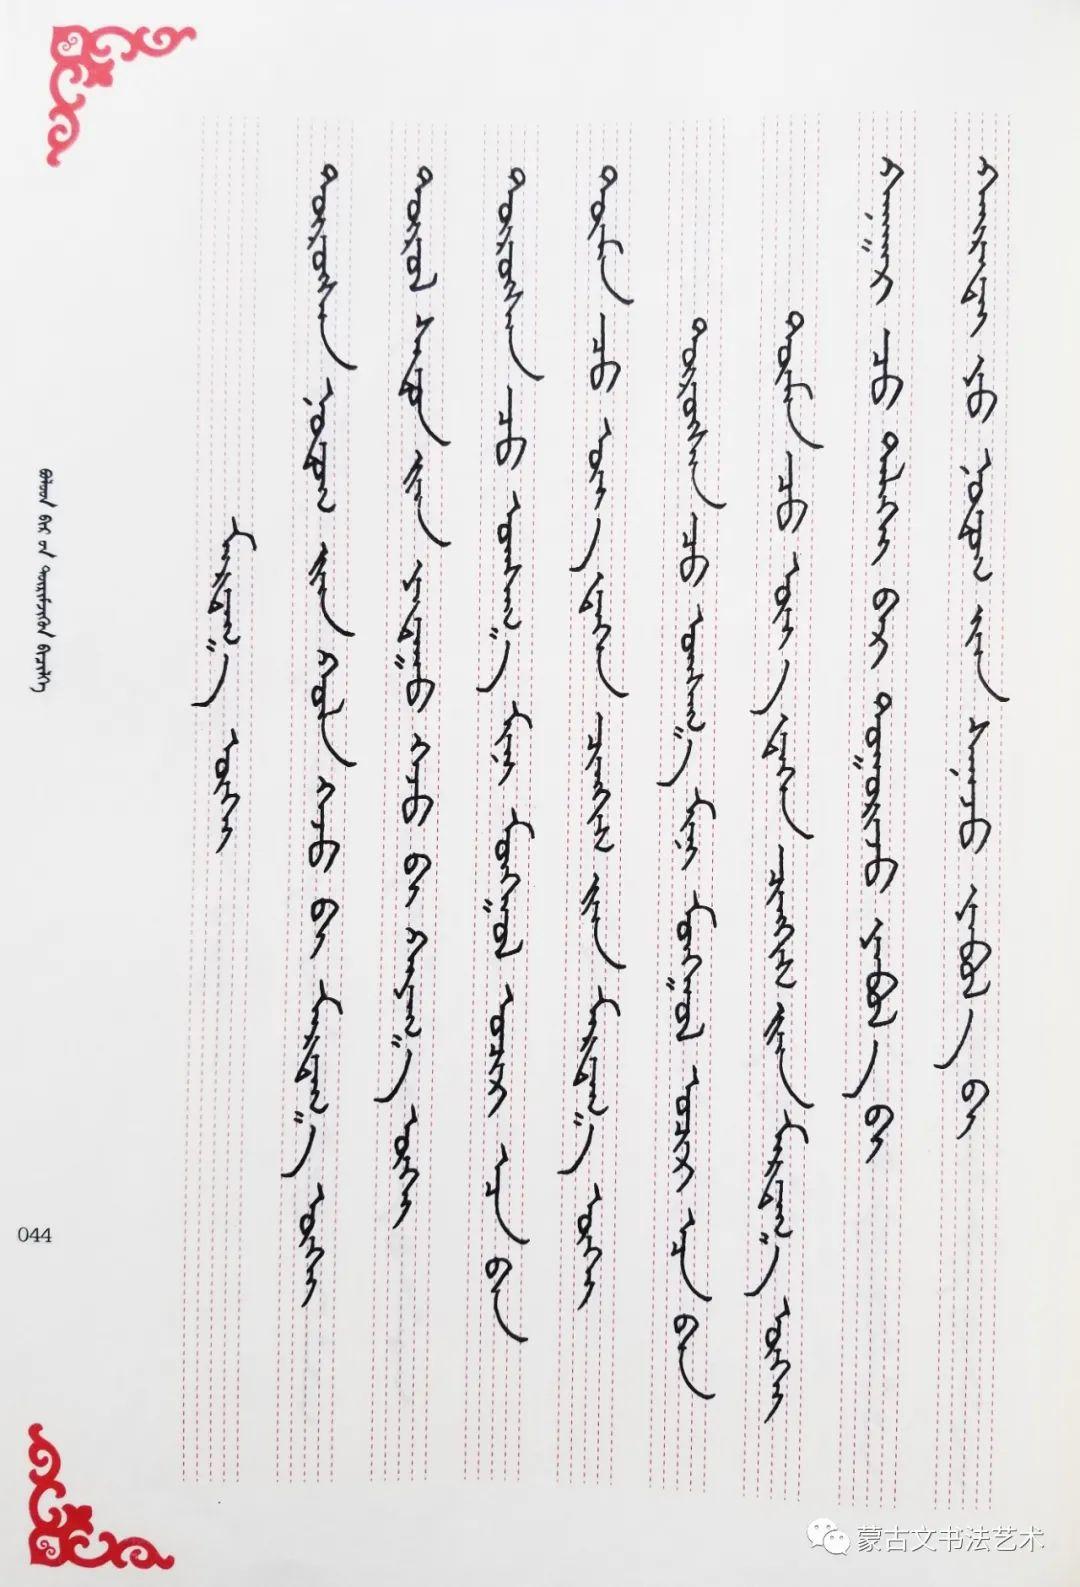 奈曼旗蒙古族实验小学十人《蒙古文钢笔规范字》 第23张 奈曼旗蒙古族实验小学十人《蒙古文钢笔规范字》 蒙古书法